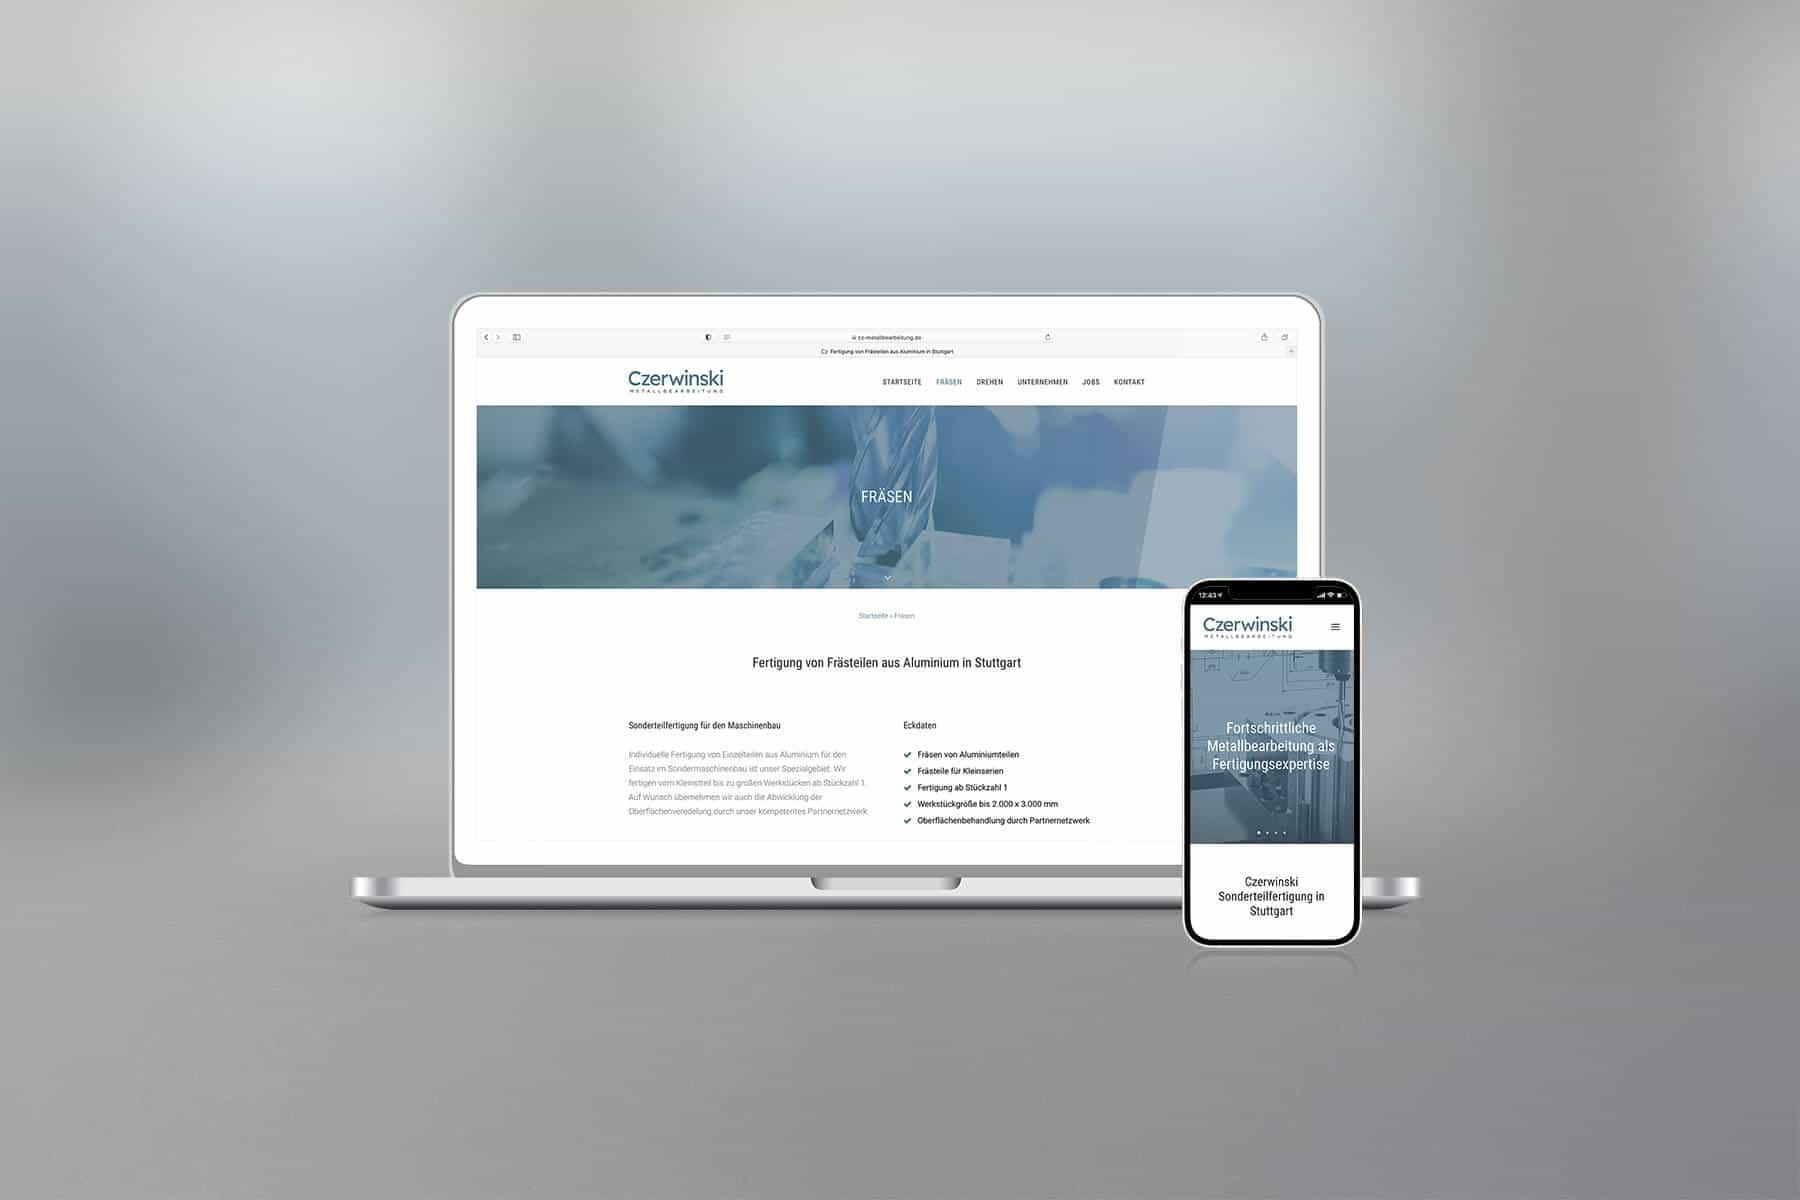 Agentur-Referenzen: Webdesign und WordPress Website für Fertigungsfirma